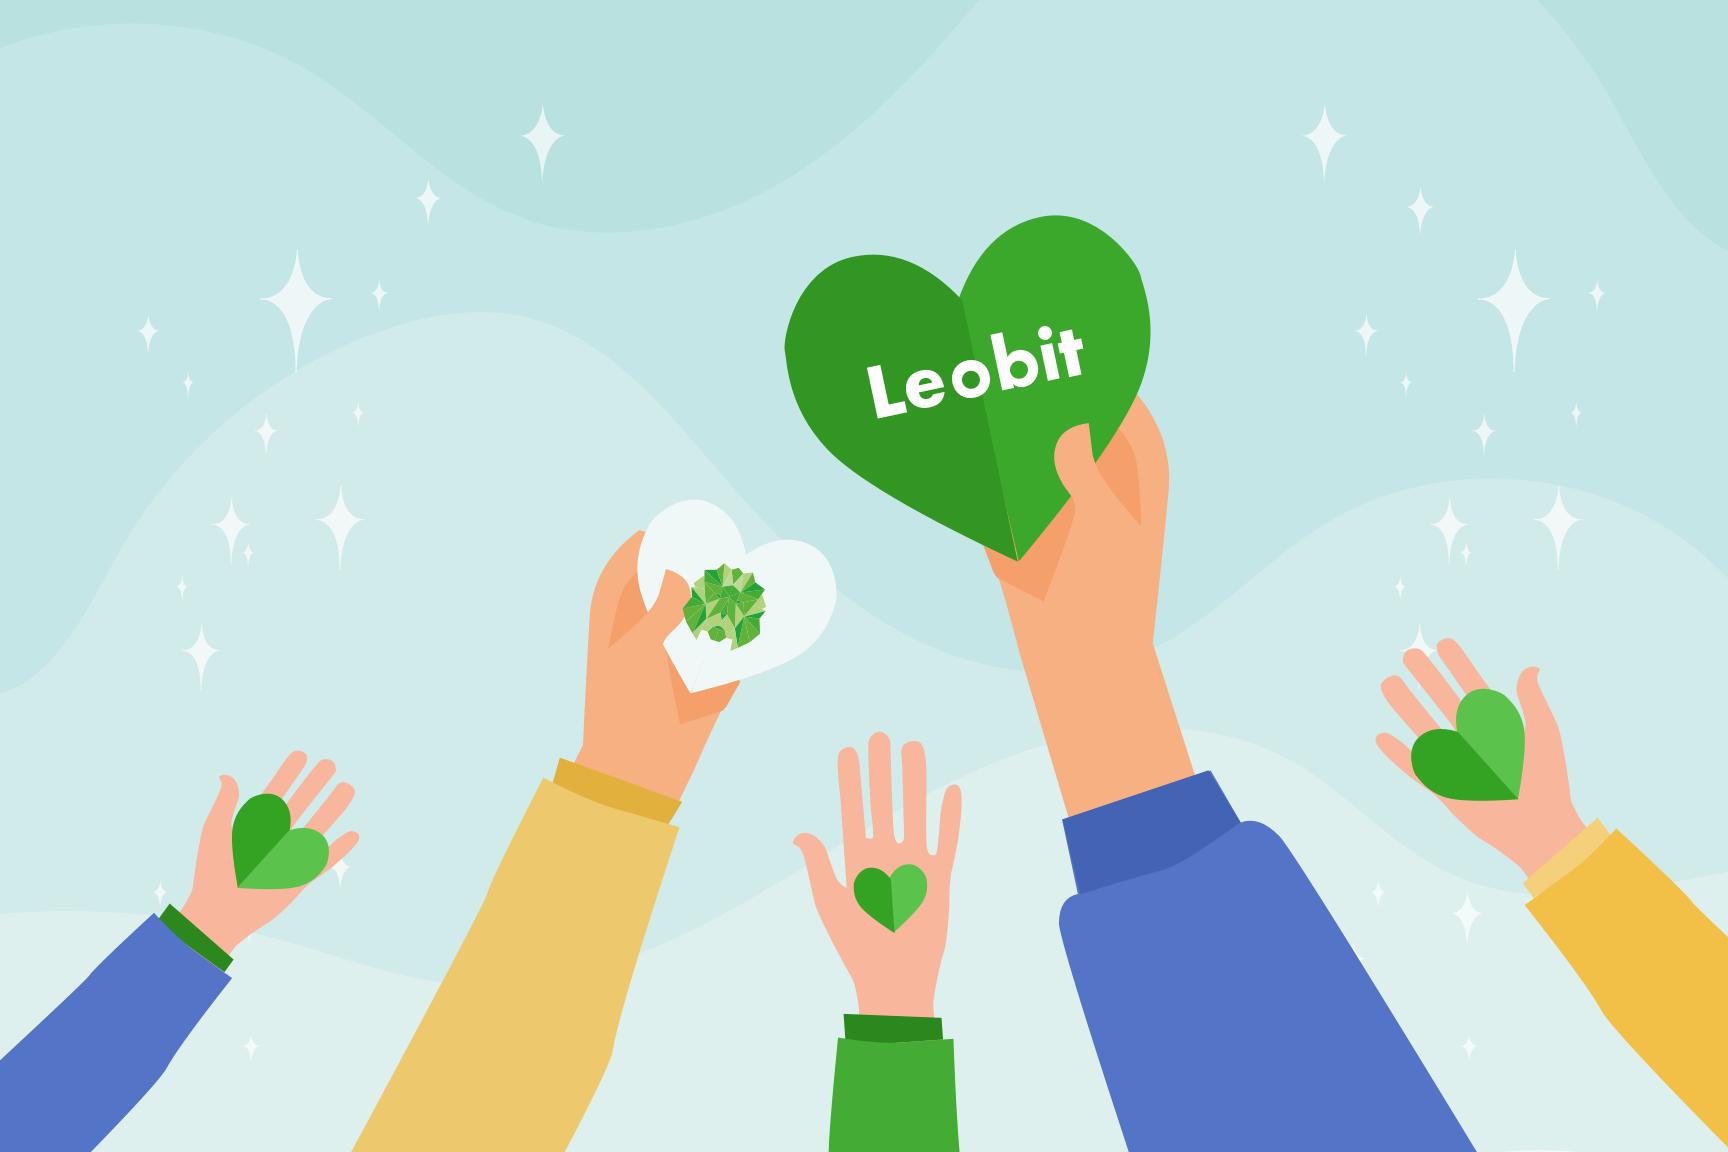 Leobit's charity